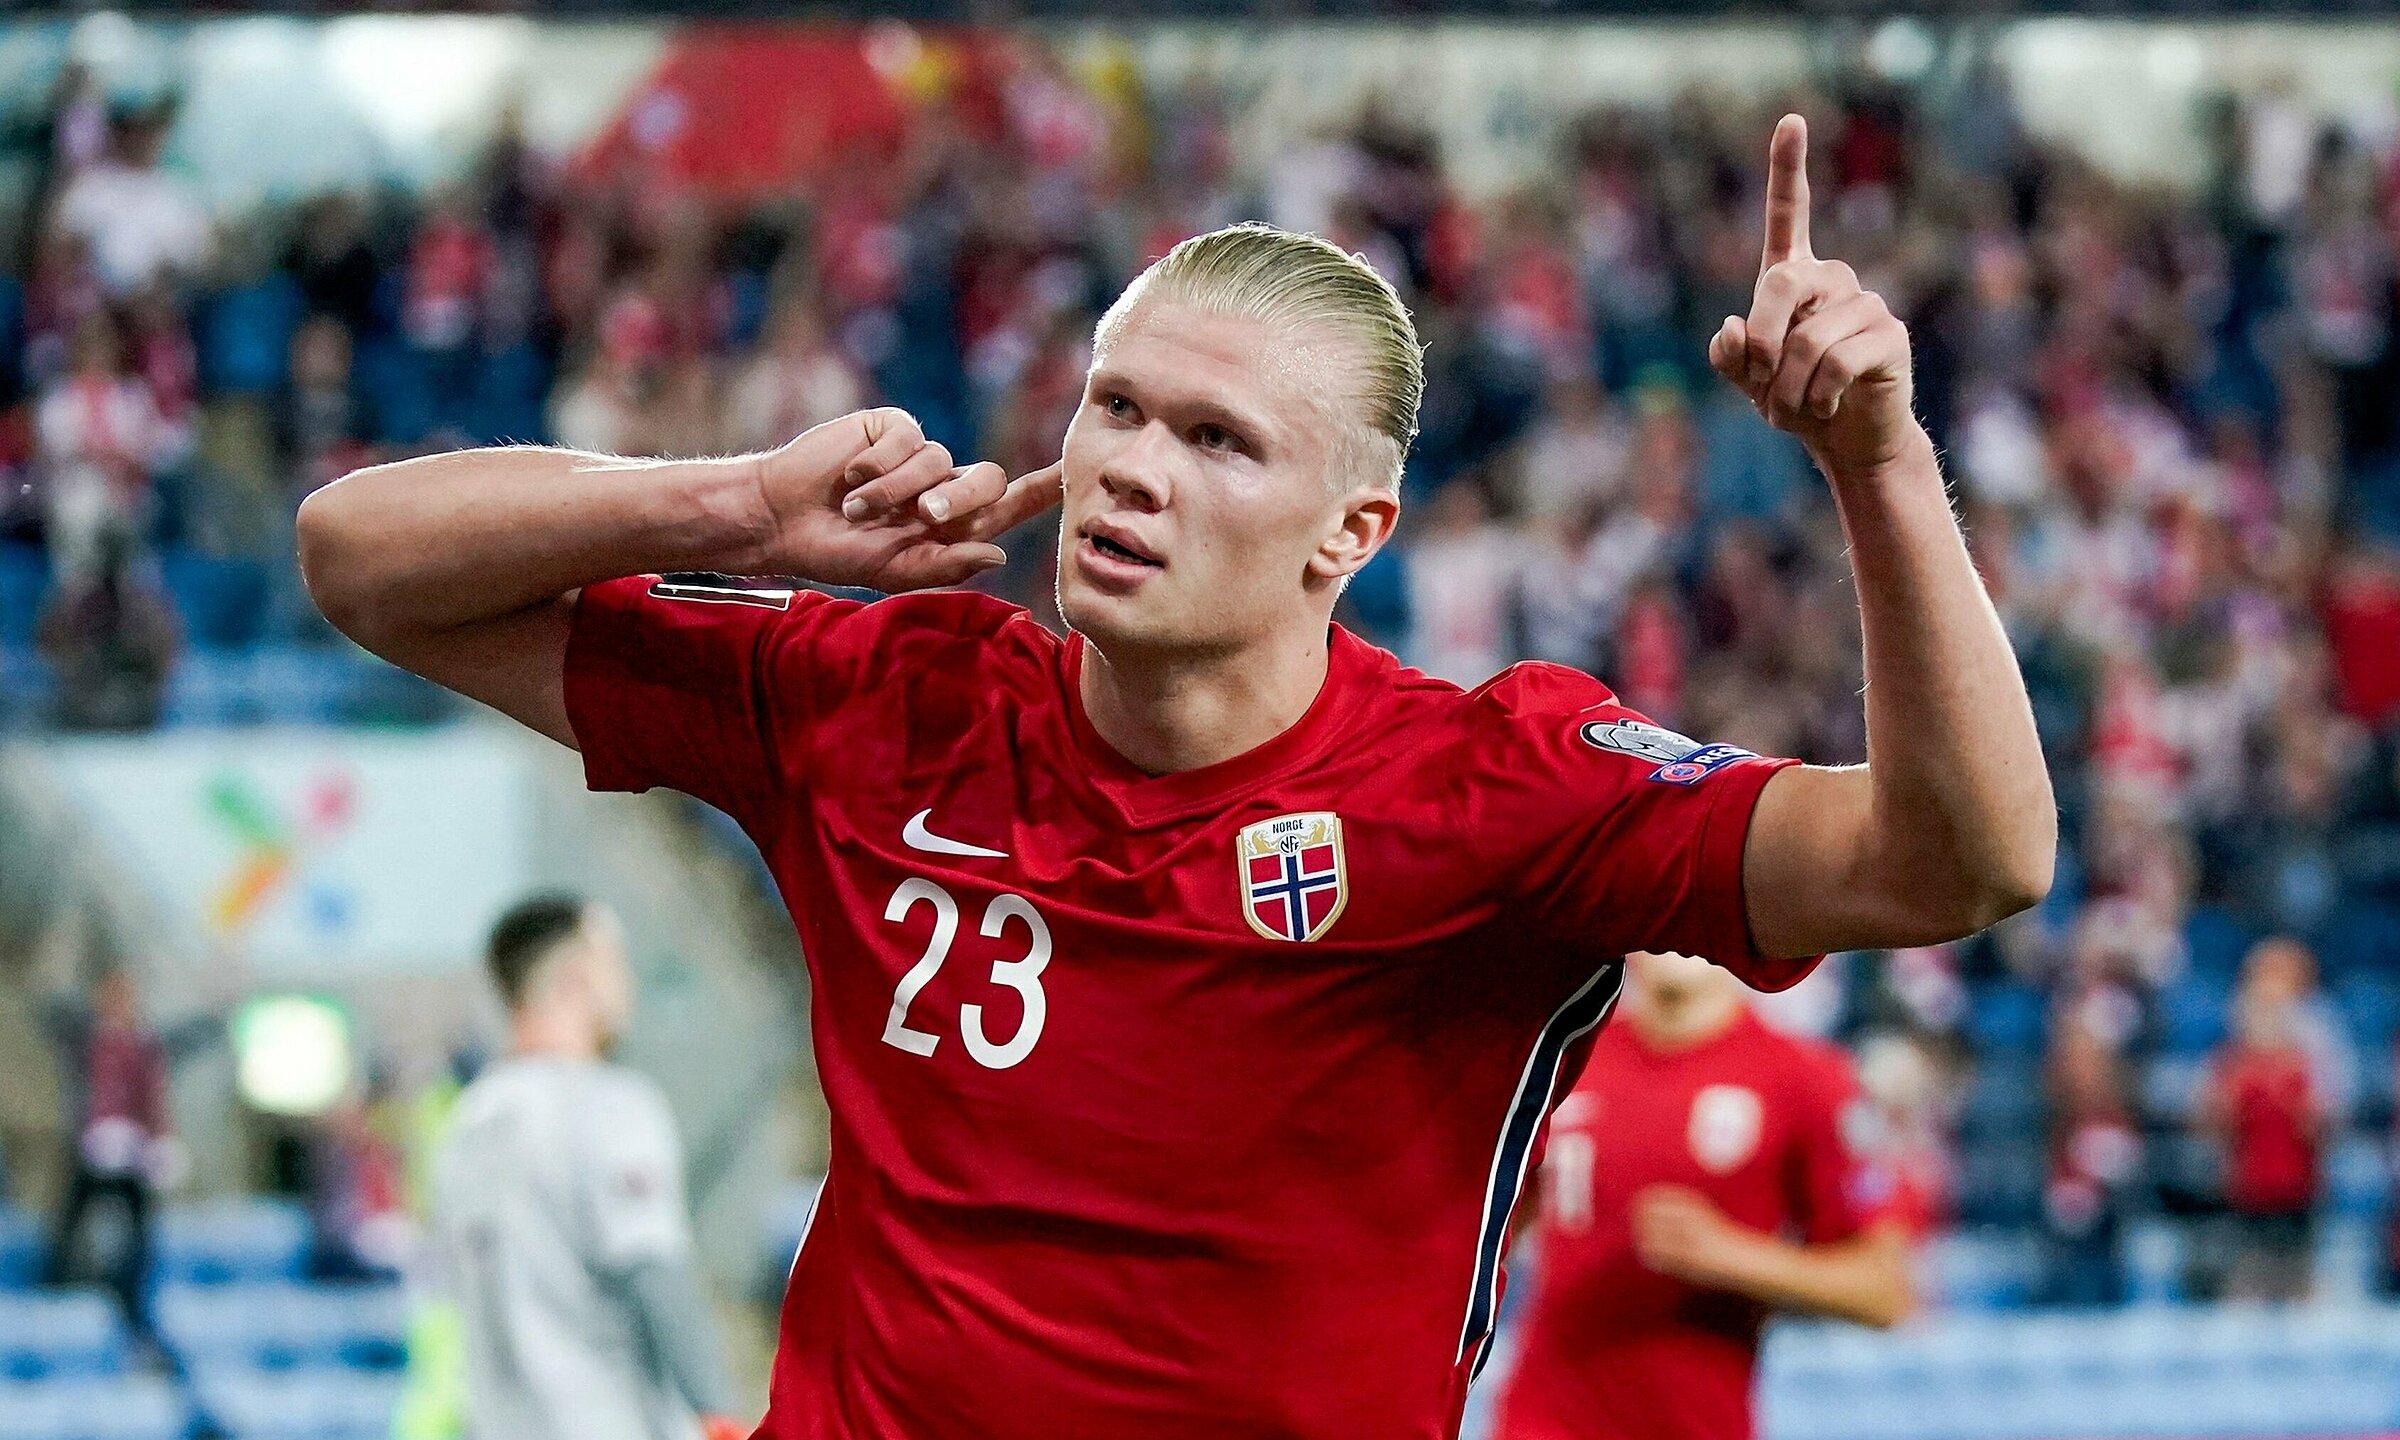 Bàn mở tỷ số ở phút 20 là bàn thứ 32 của Haaland trong 38 trận đã đấu, cả ở cấp CLB lẫn ĐTQG, trừ đầu năm 2021. Ảnh: ANP & UEFA